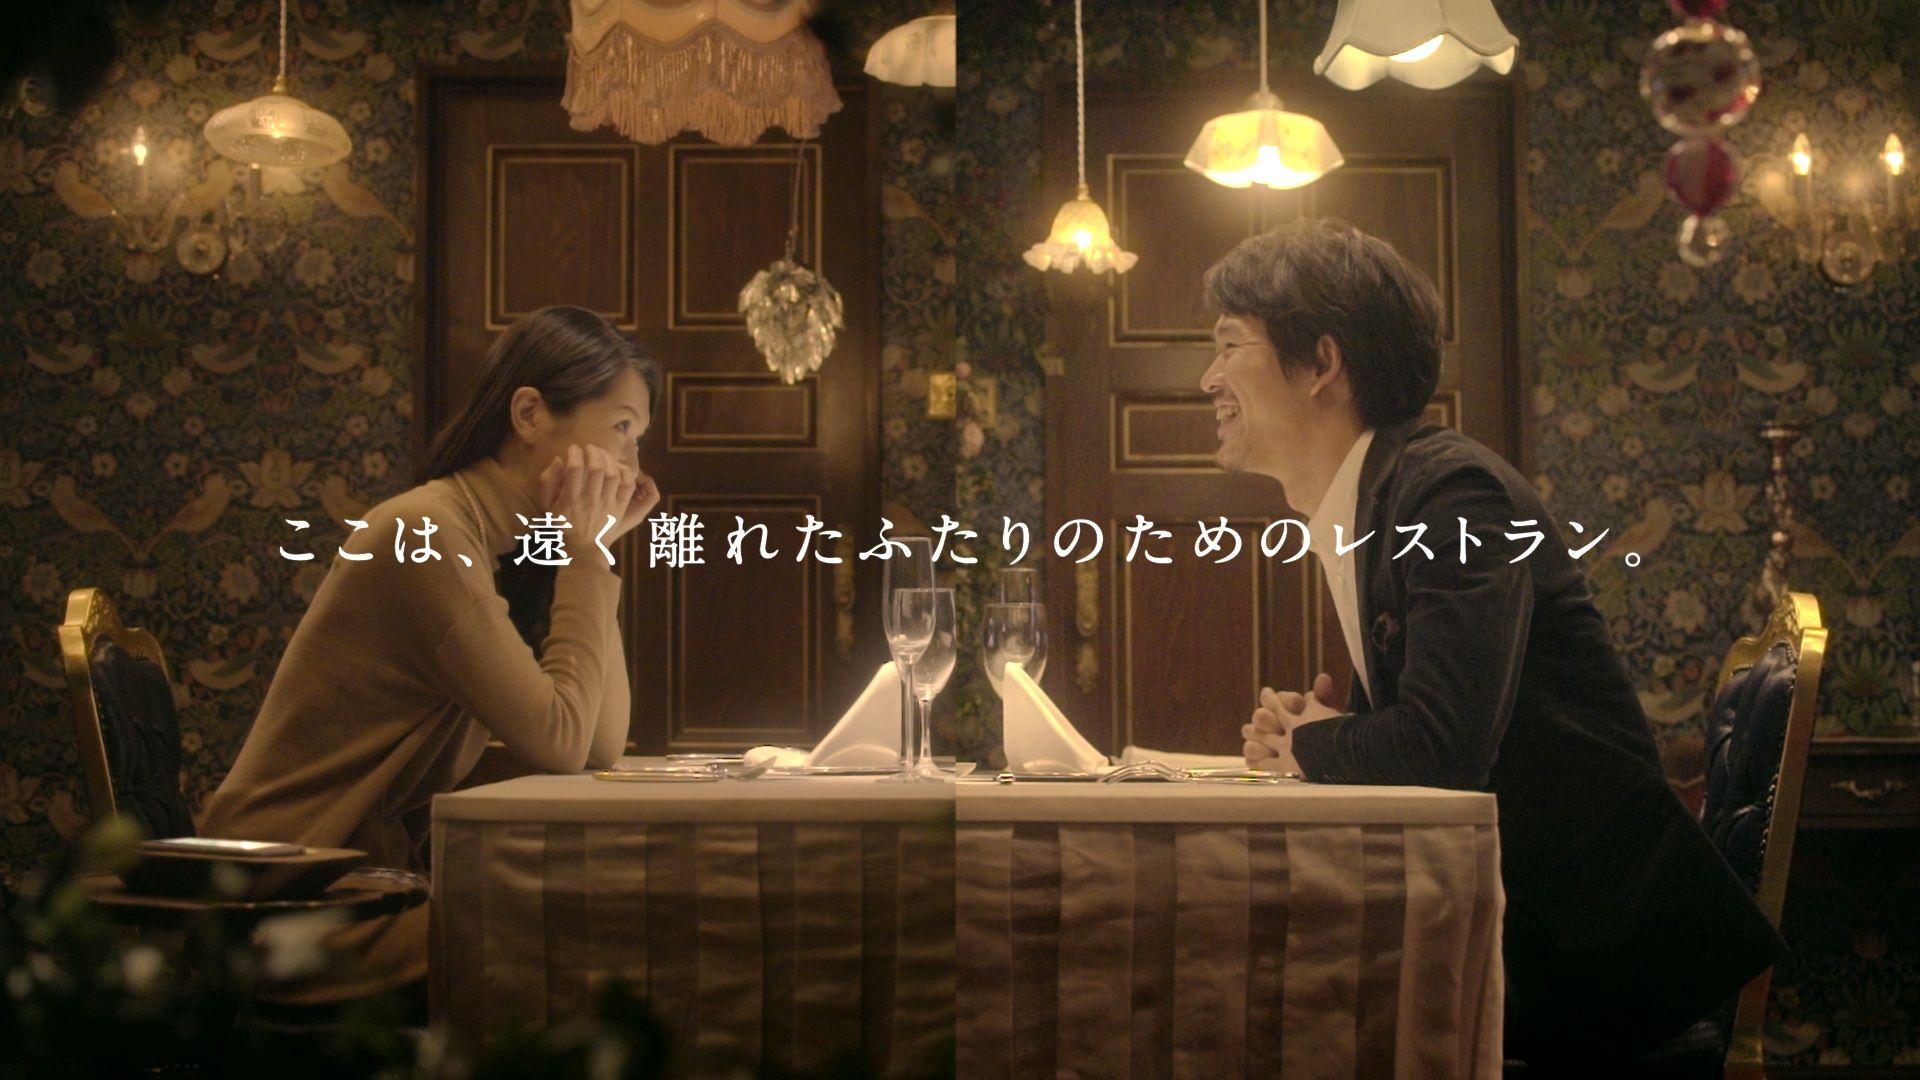 クリスマスイブ、遠く離れた東京と大阪がまるでひとつの空間に。au「SYNC DINNER」が実現するまで | AdGang